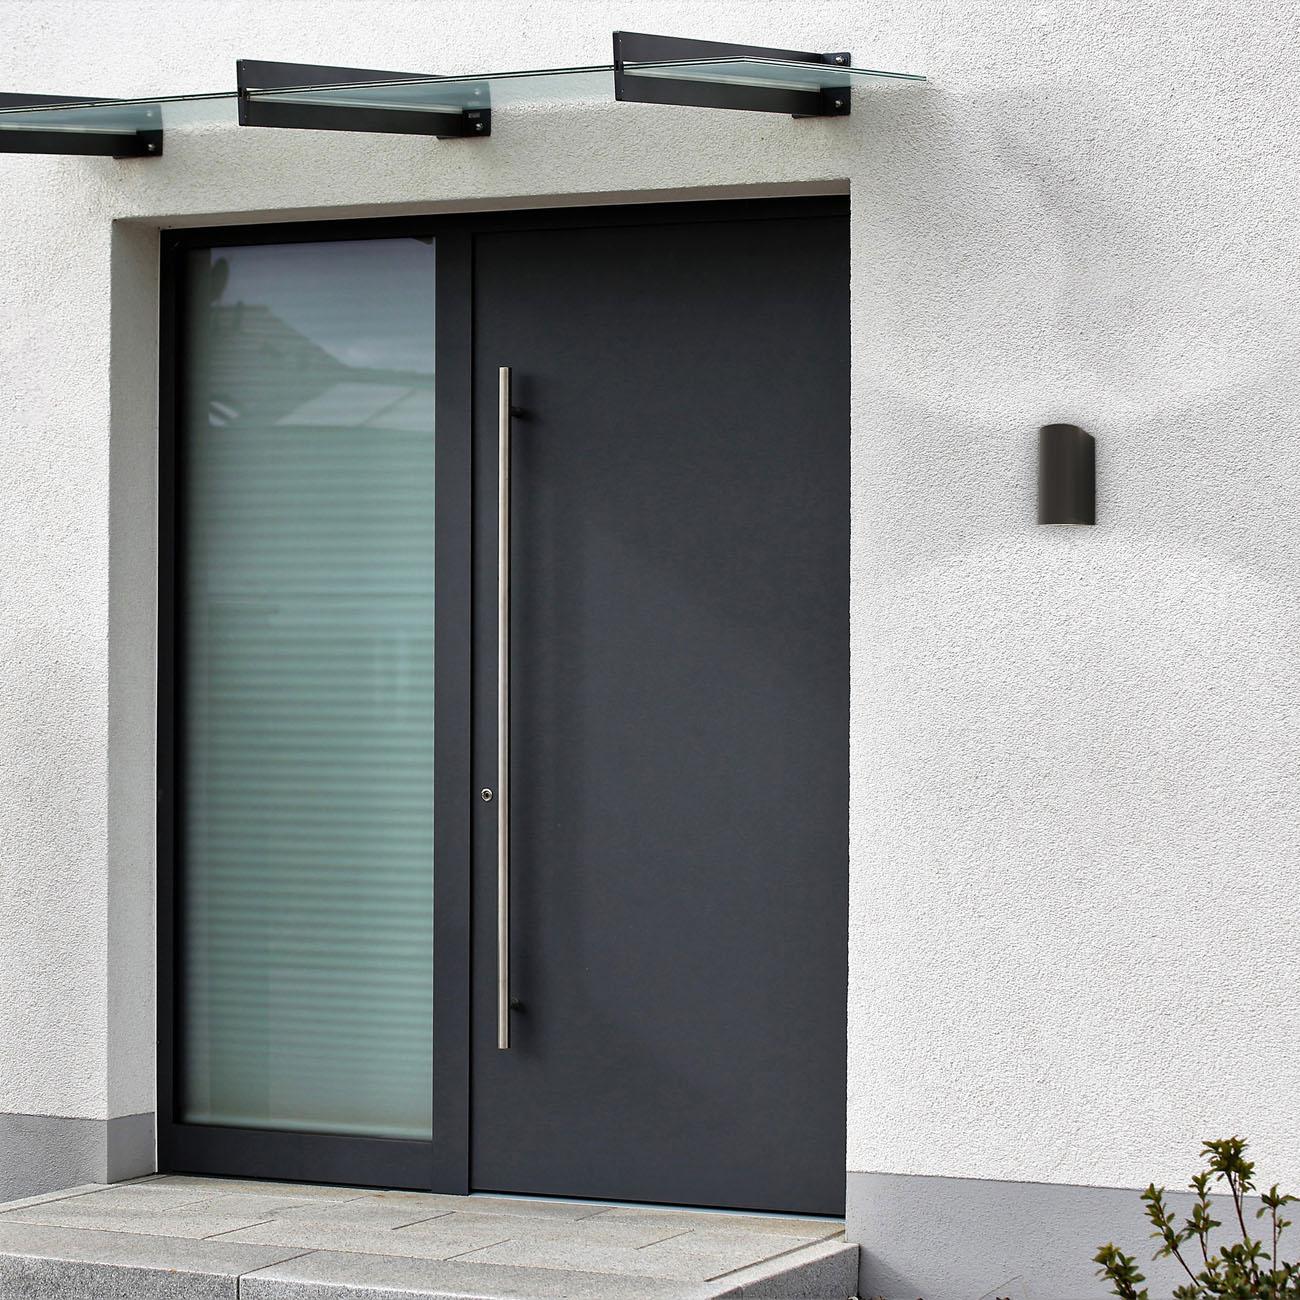 Wandleuchte für Innen und Außen schwarz GU10 - 9